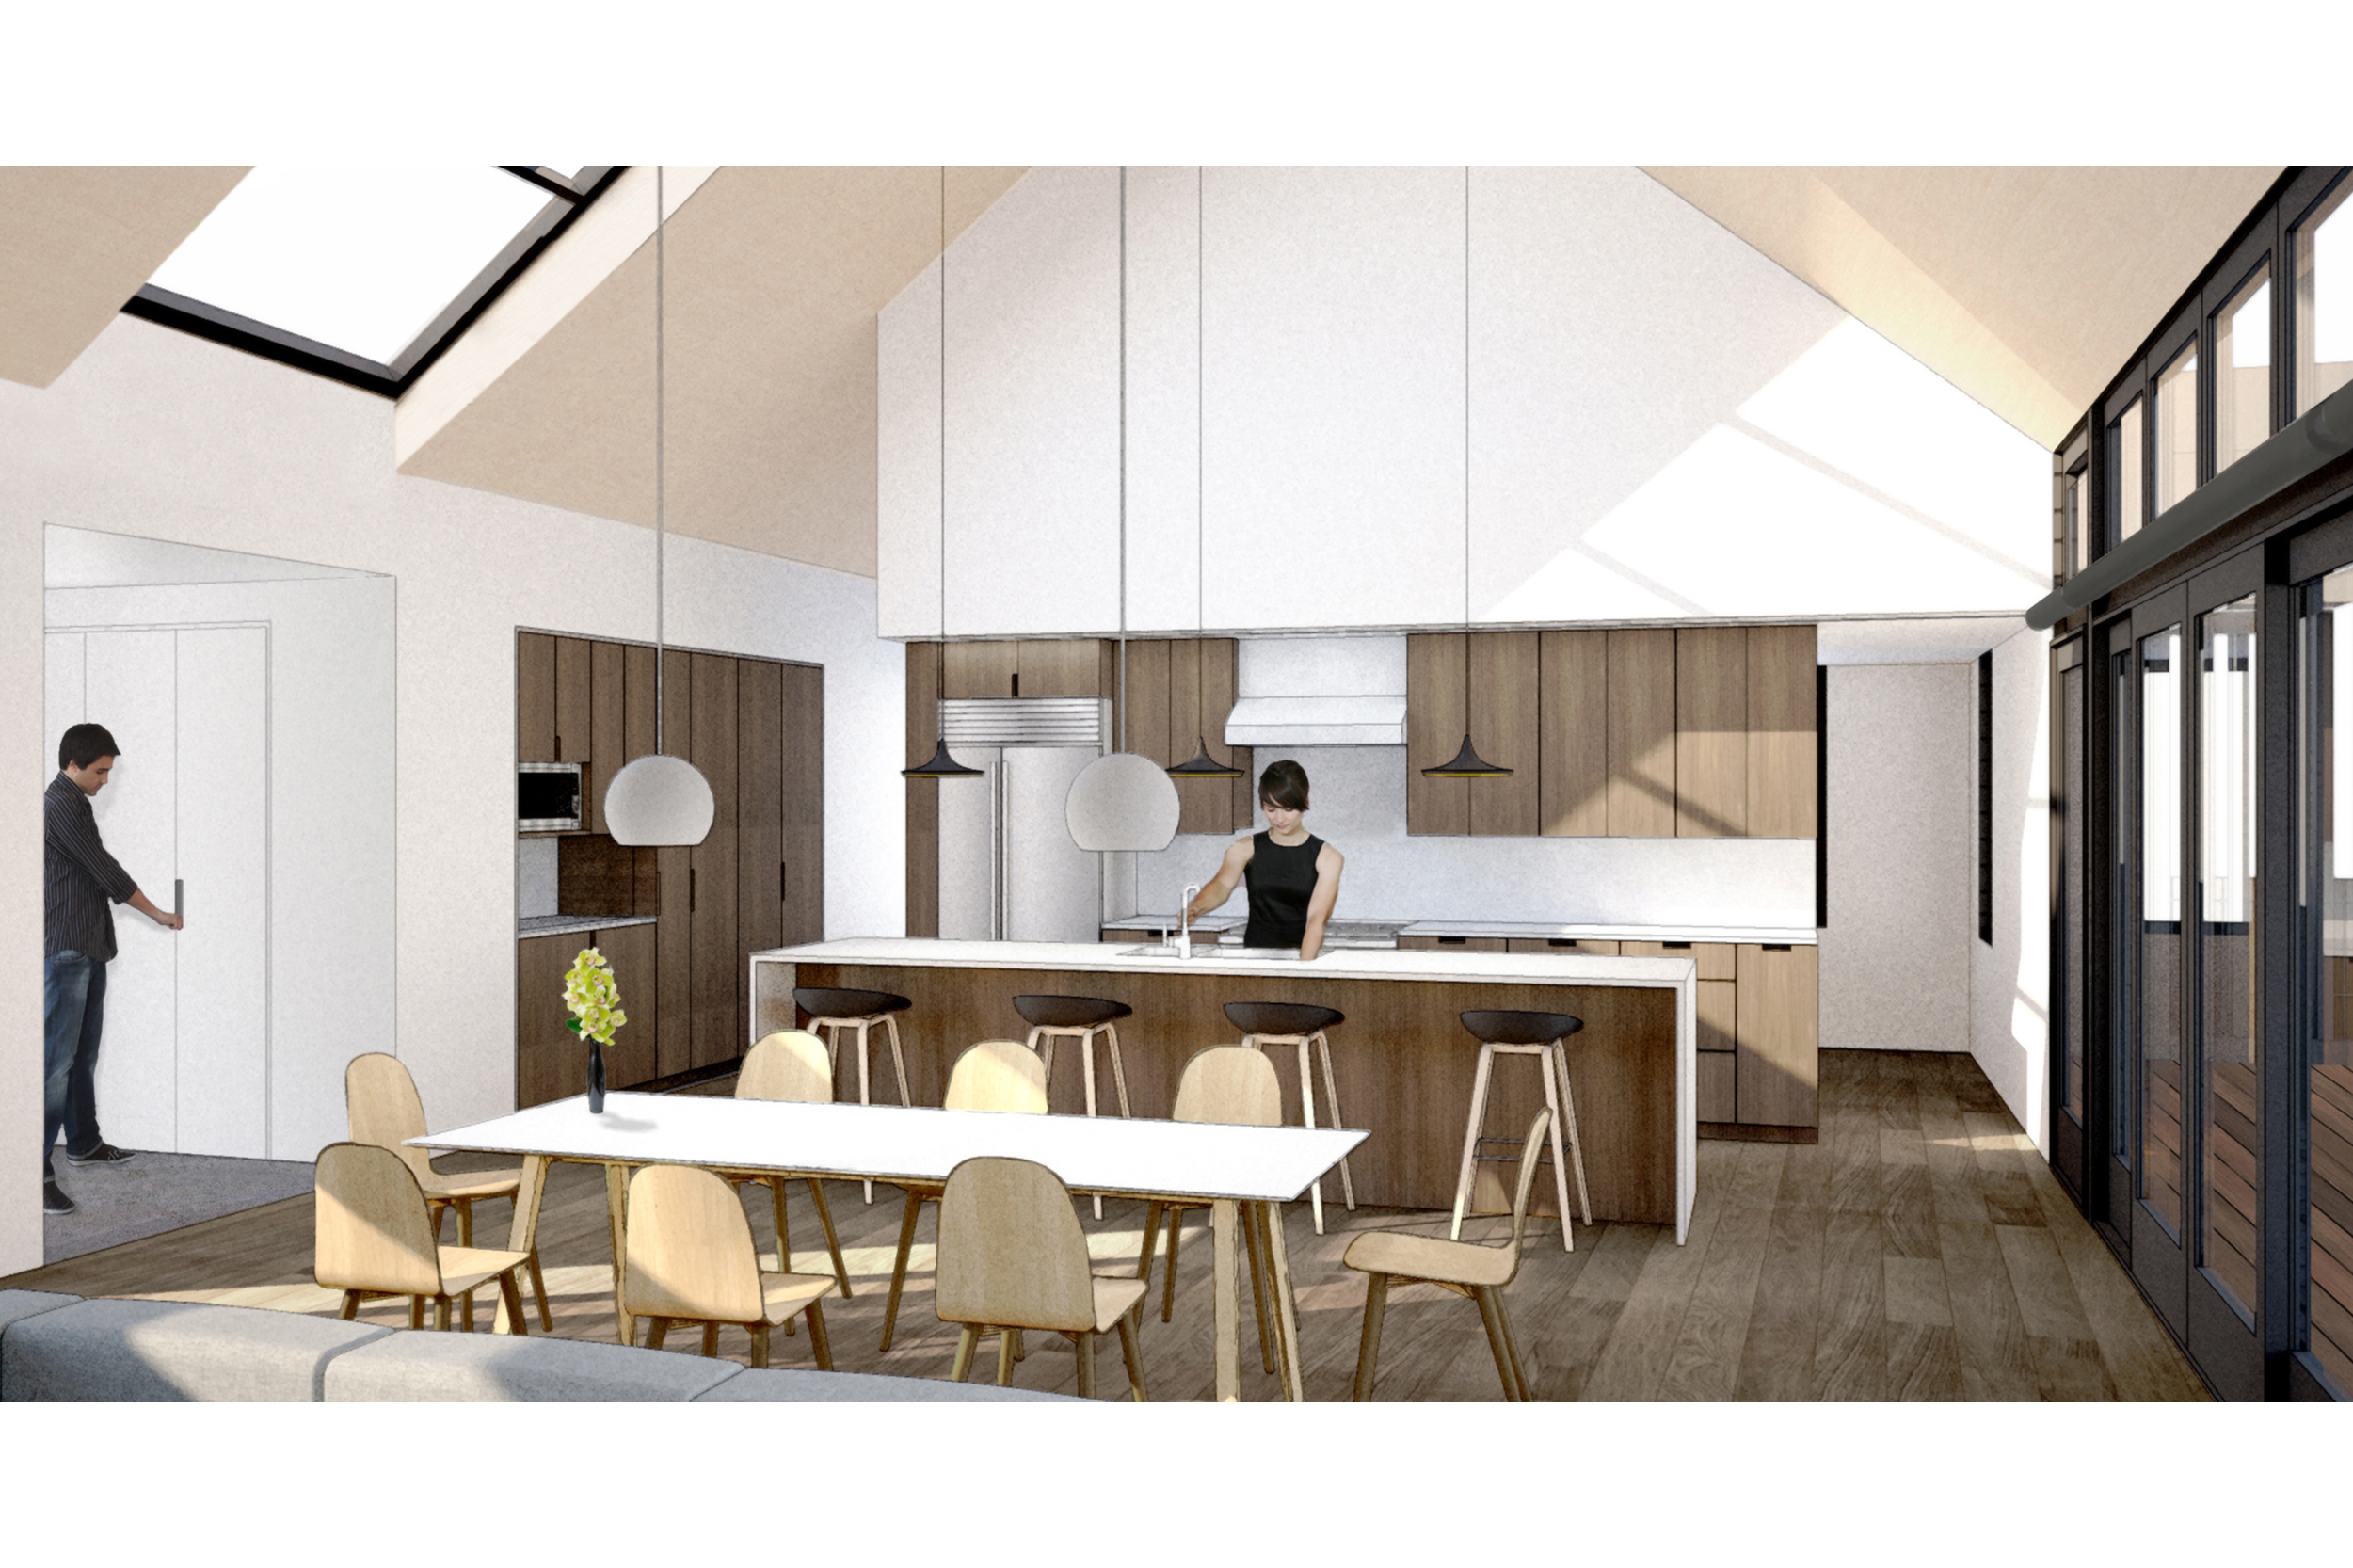 goCstudio_HomeHouse_kitchen rendering.jpg